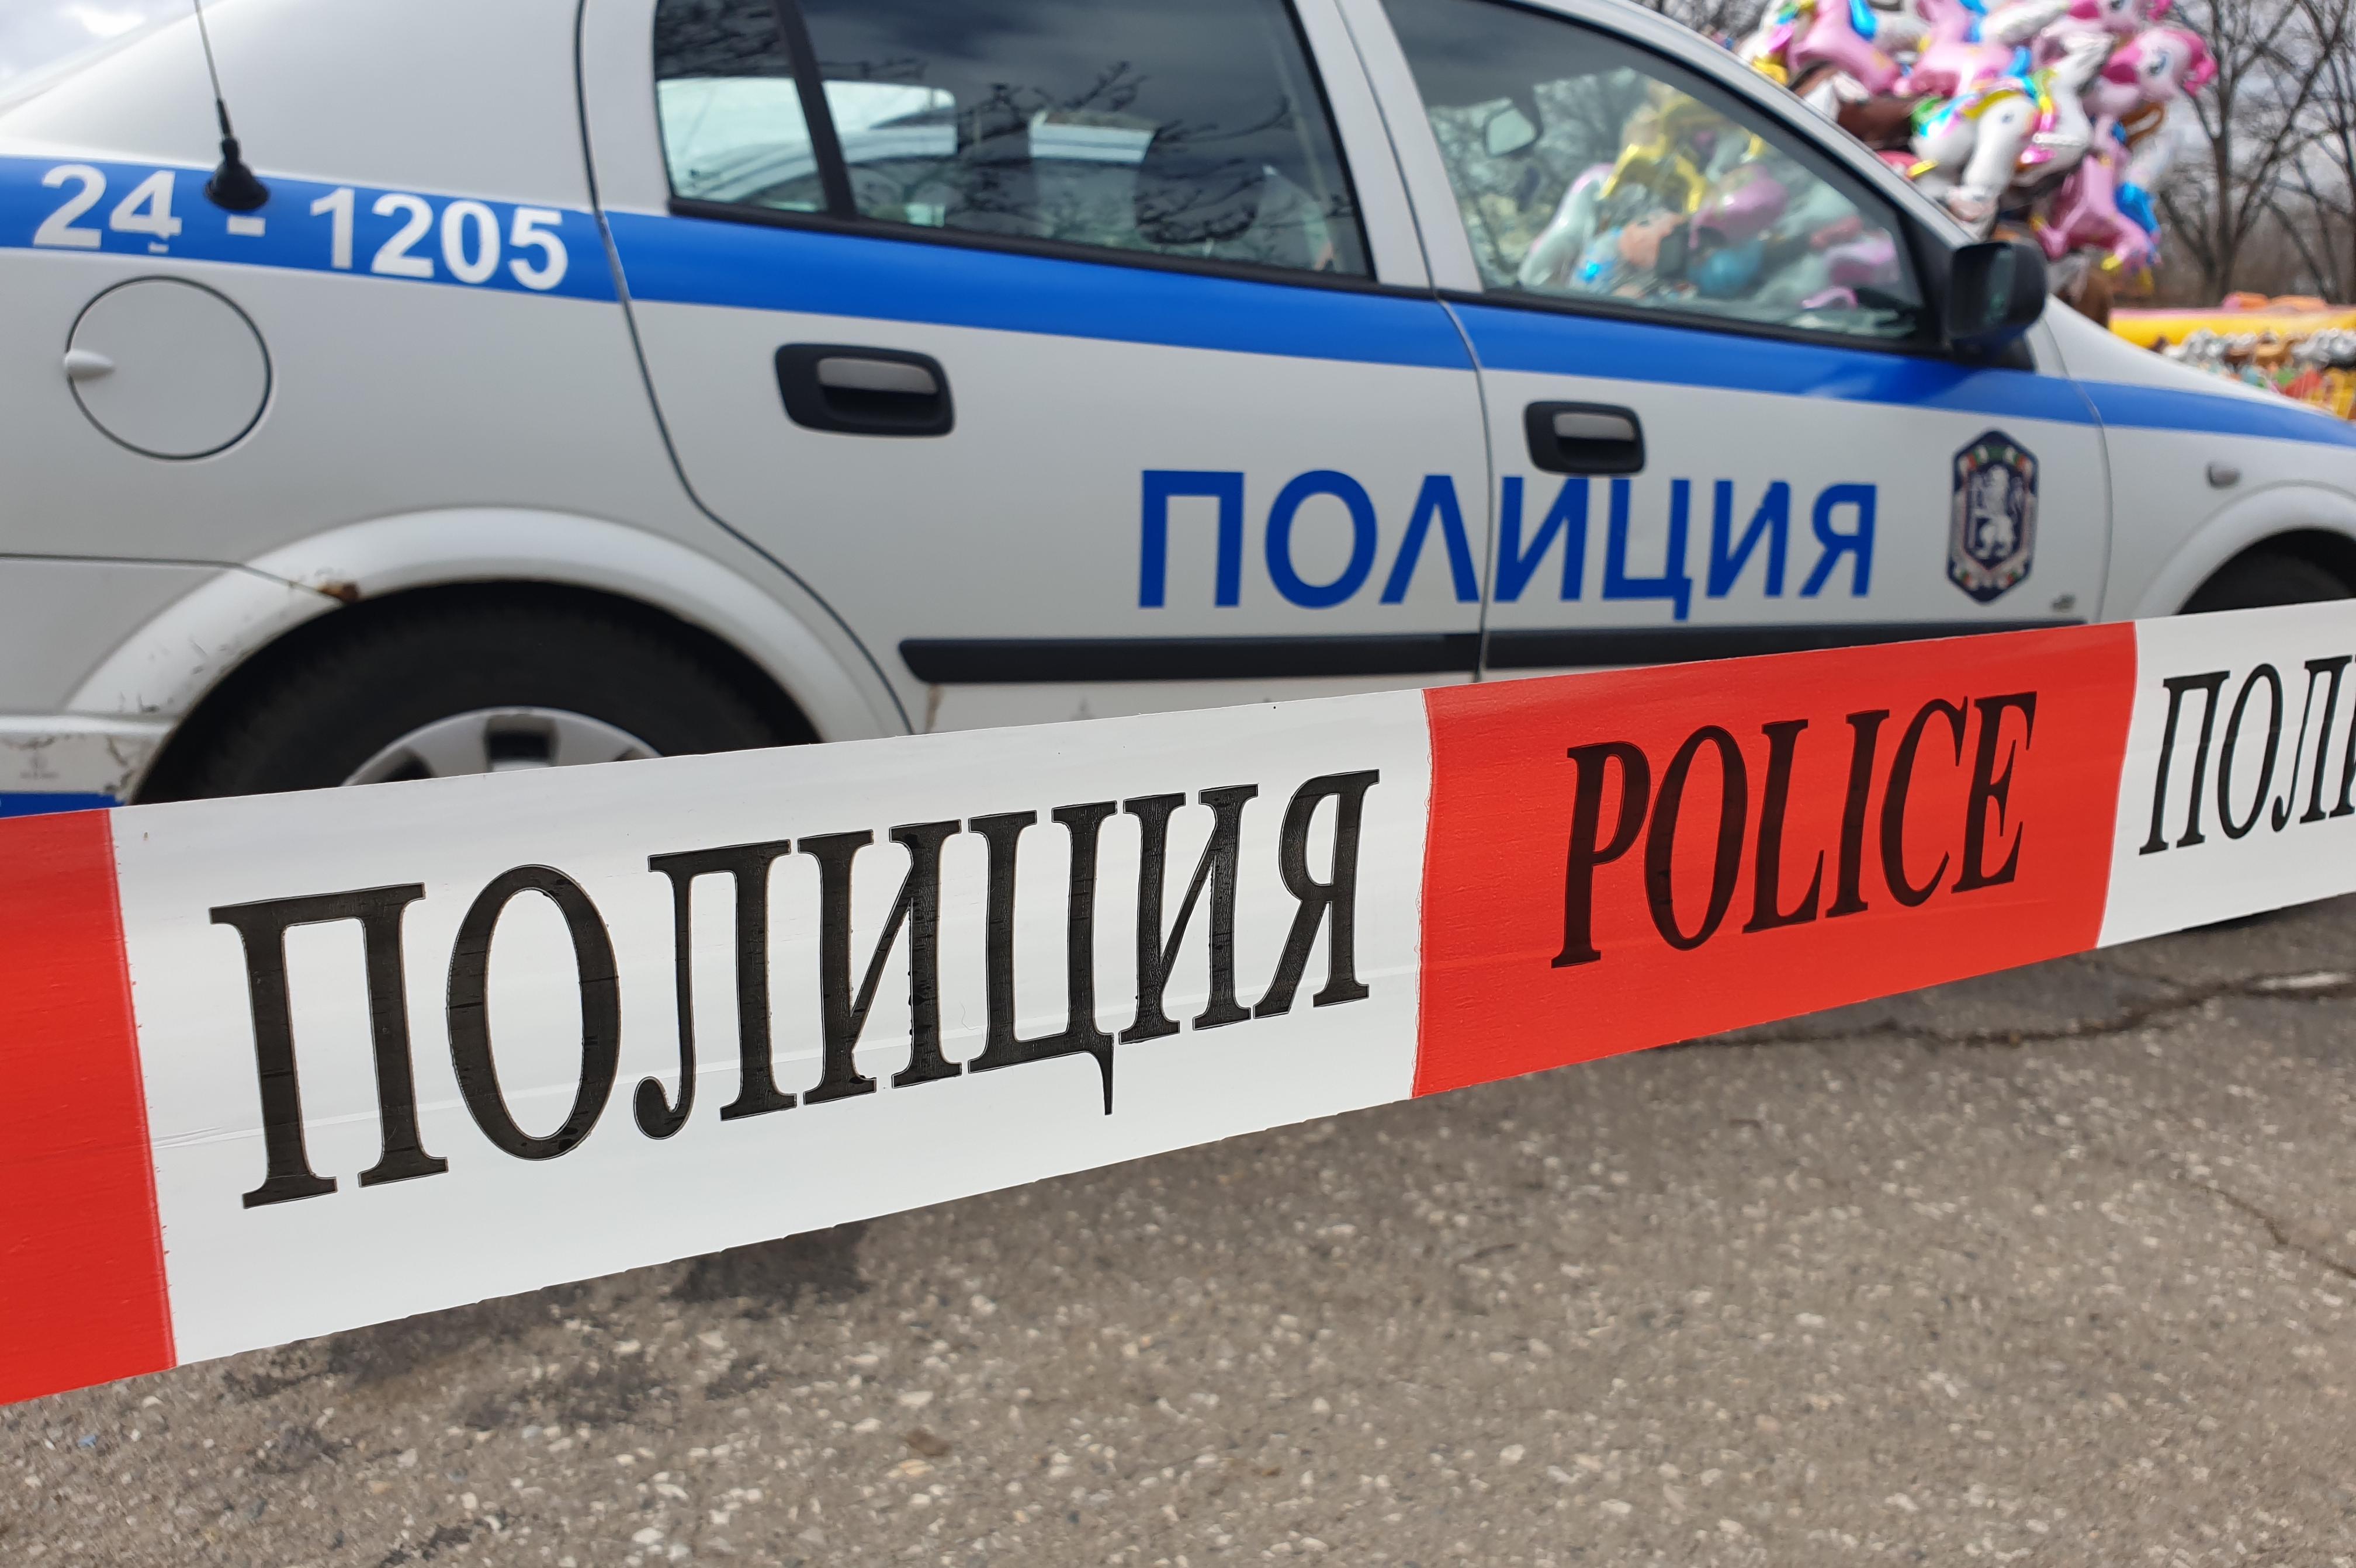 София област: Задържаха трима нарушители зад волана